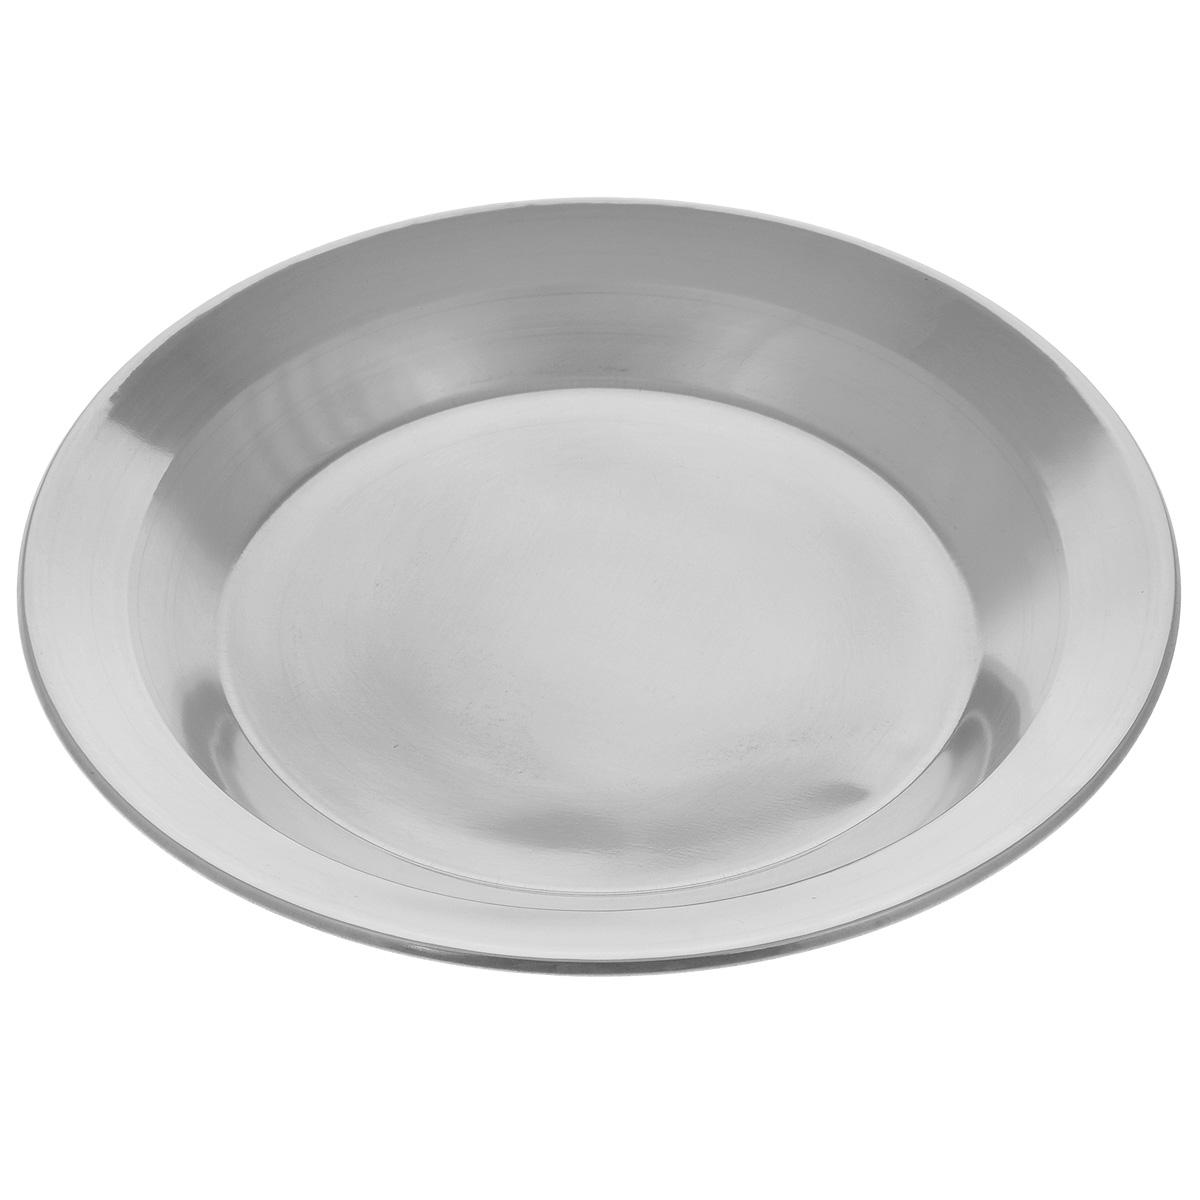 """Тарелка """"Padia"""" изготовлена из нержавеющей стали. Удобная посуда прекрасно подойдет для походов и пикников. Прочная, компактная тарелка легко моется. Отлично подойдет для горячих блюд. Диаметр тарелки: 21,5 см. Высота тарелки: 2 см."""